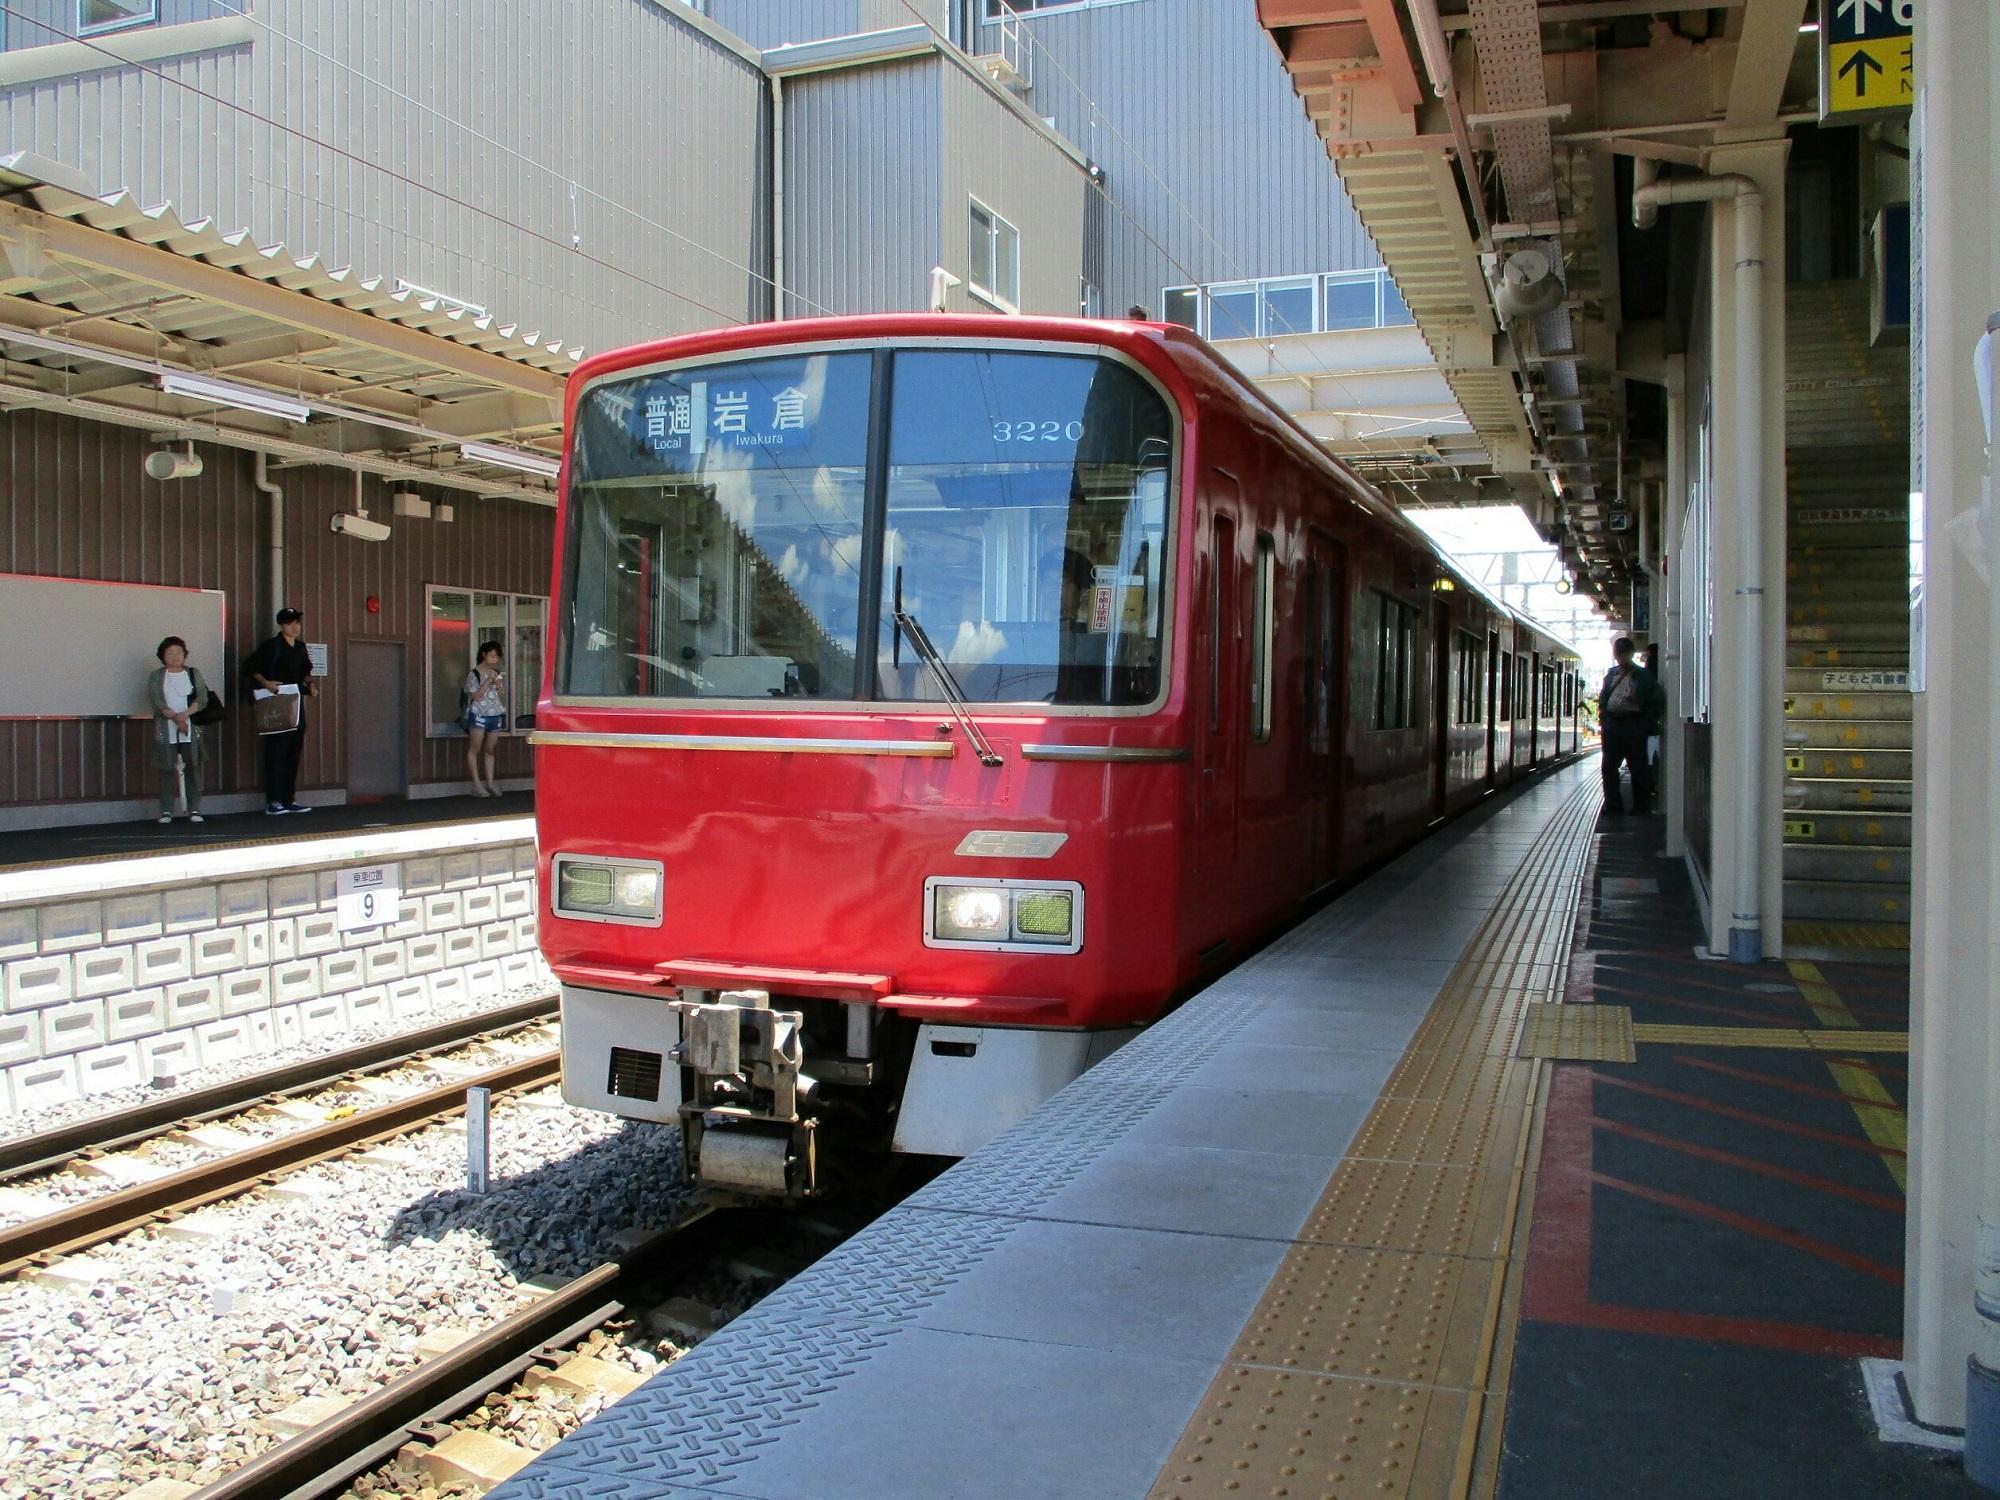 2018.6.12 (8) 知立 - 岩倉いきふつう 2000-1500